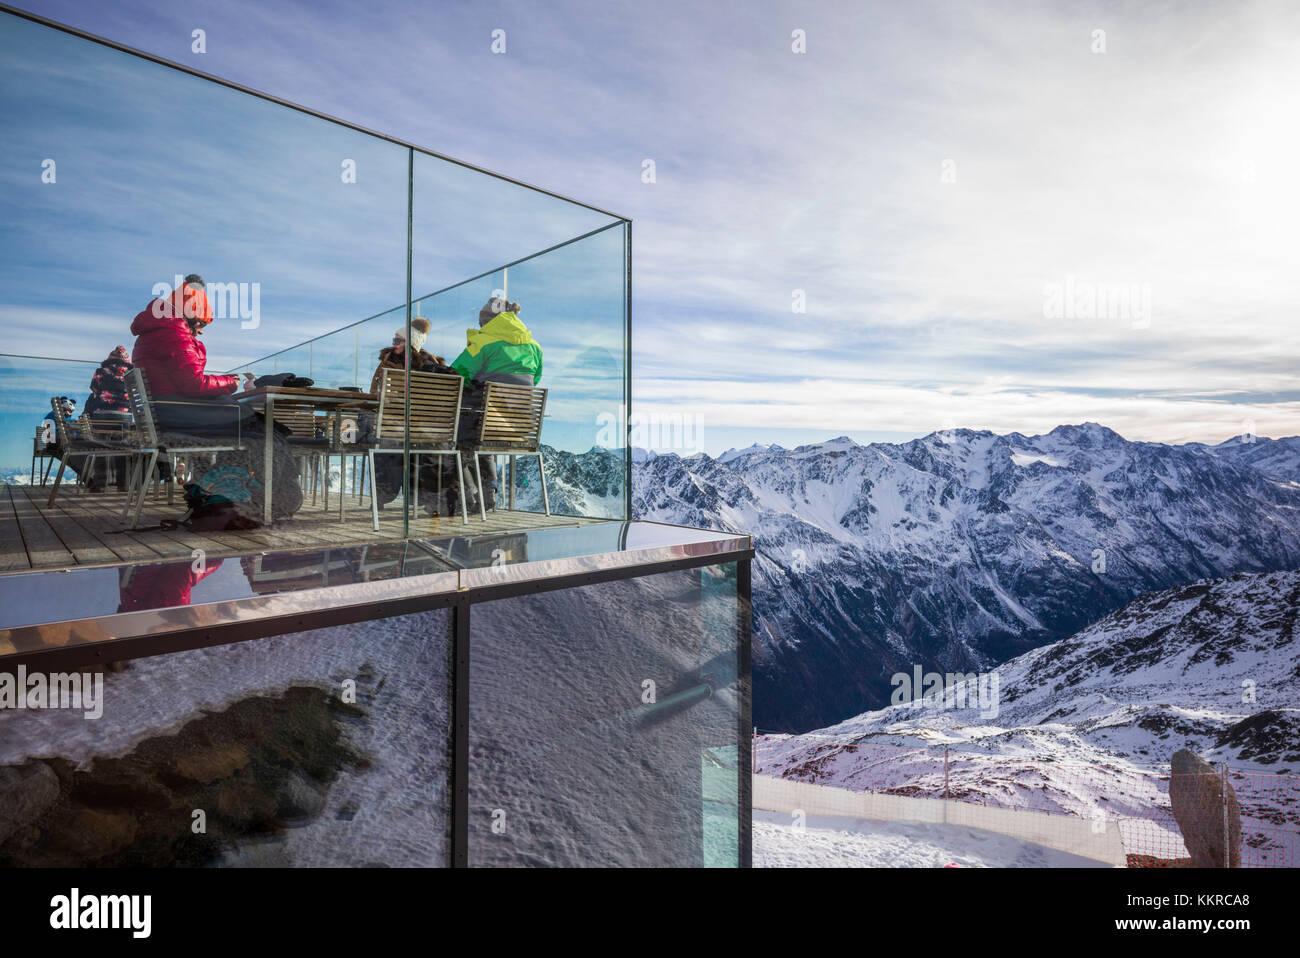 Österreich, Tirol, Sölden, gaislachkogl otztal Ski Mountain, gaislachkogl Gipfel, Höhe 3059 m, Eis Stockbild